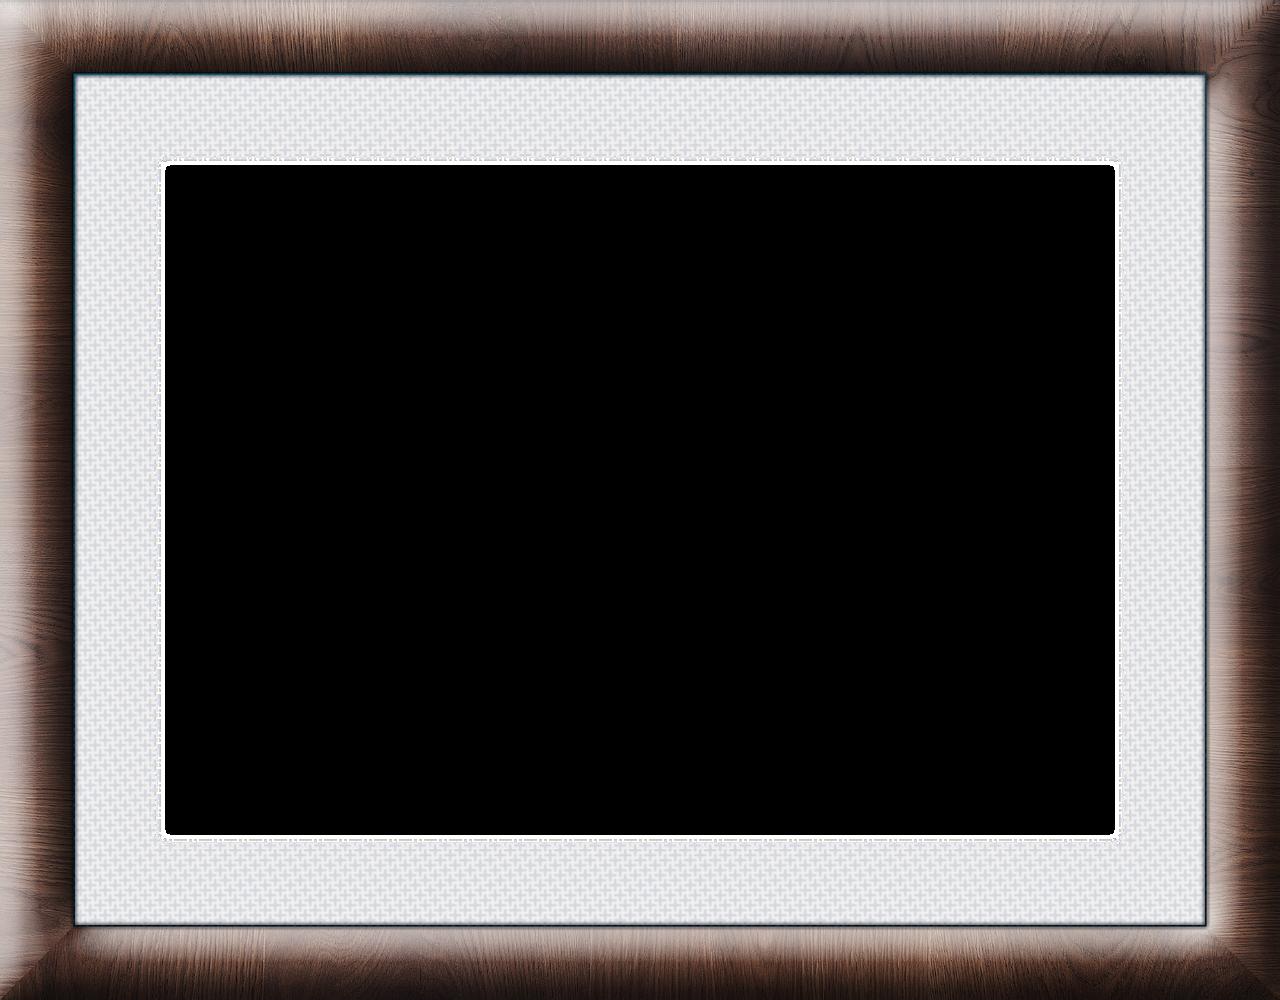 Black wood frame png Solid Black Photo Framewooden Framefamilydark Woodtransparent Backgroundfree Pictures Needpixcom Photo Framewooden Framefamilydark Woodtransparent Background